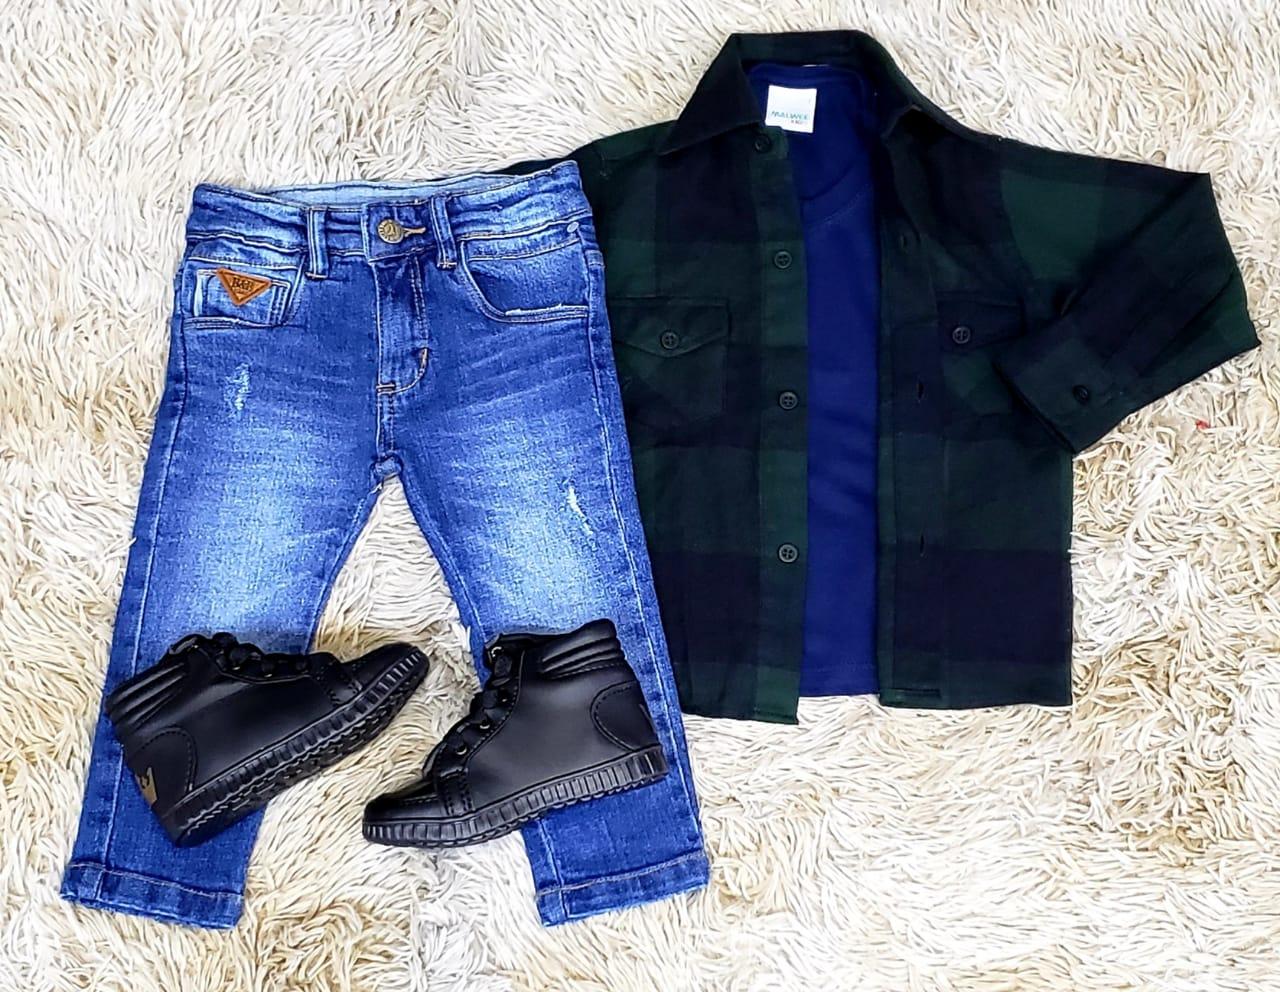 Calça Jeans com Camiseta Azul e Camisa Xadrez Infantil